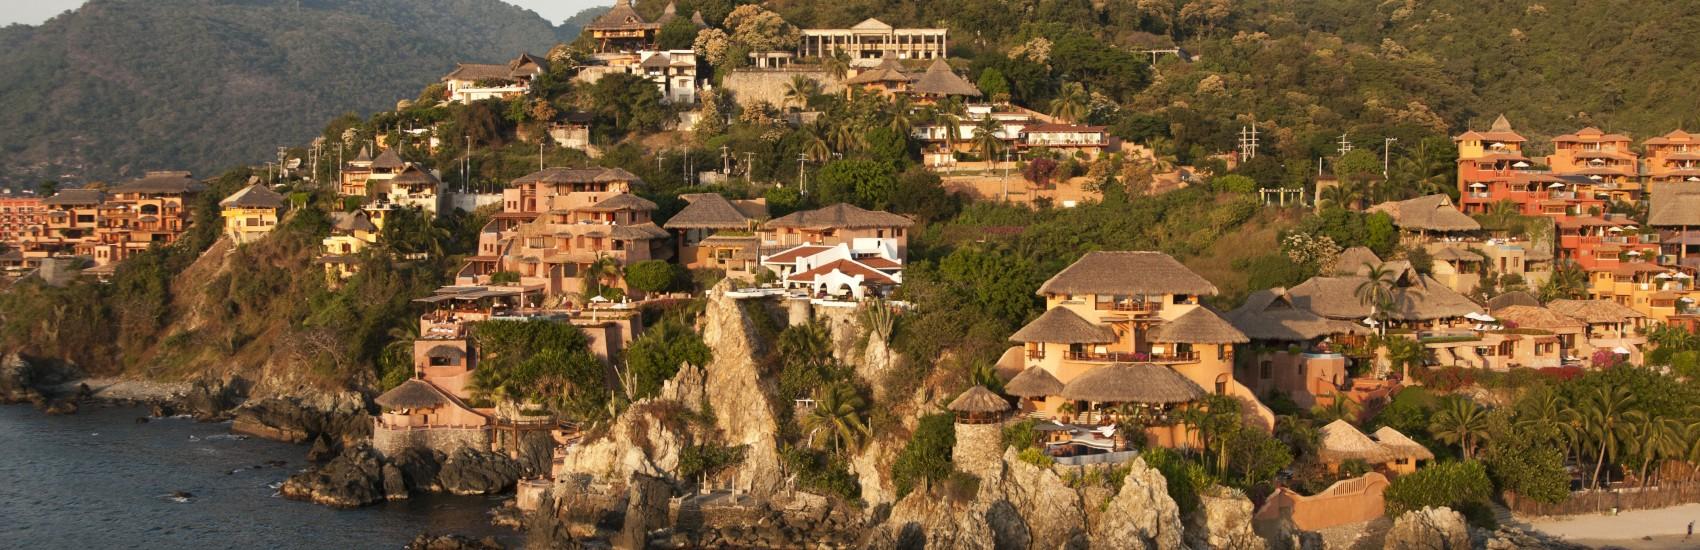 Ixtapa Zihuatanejo Villas